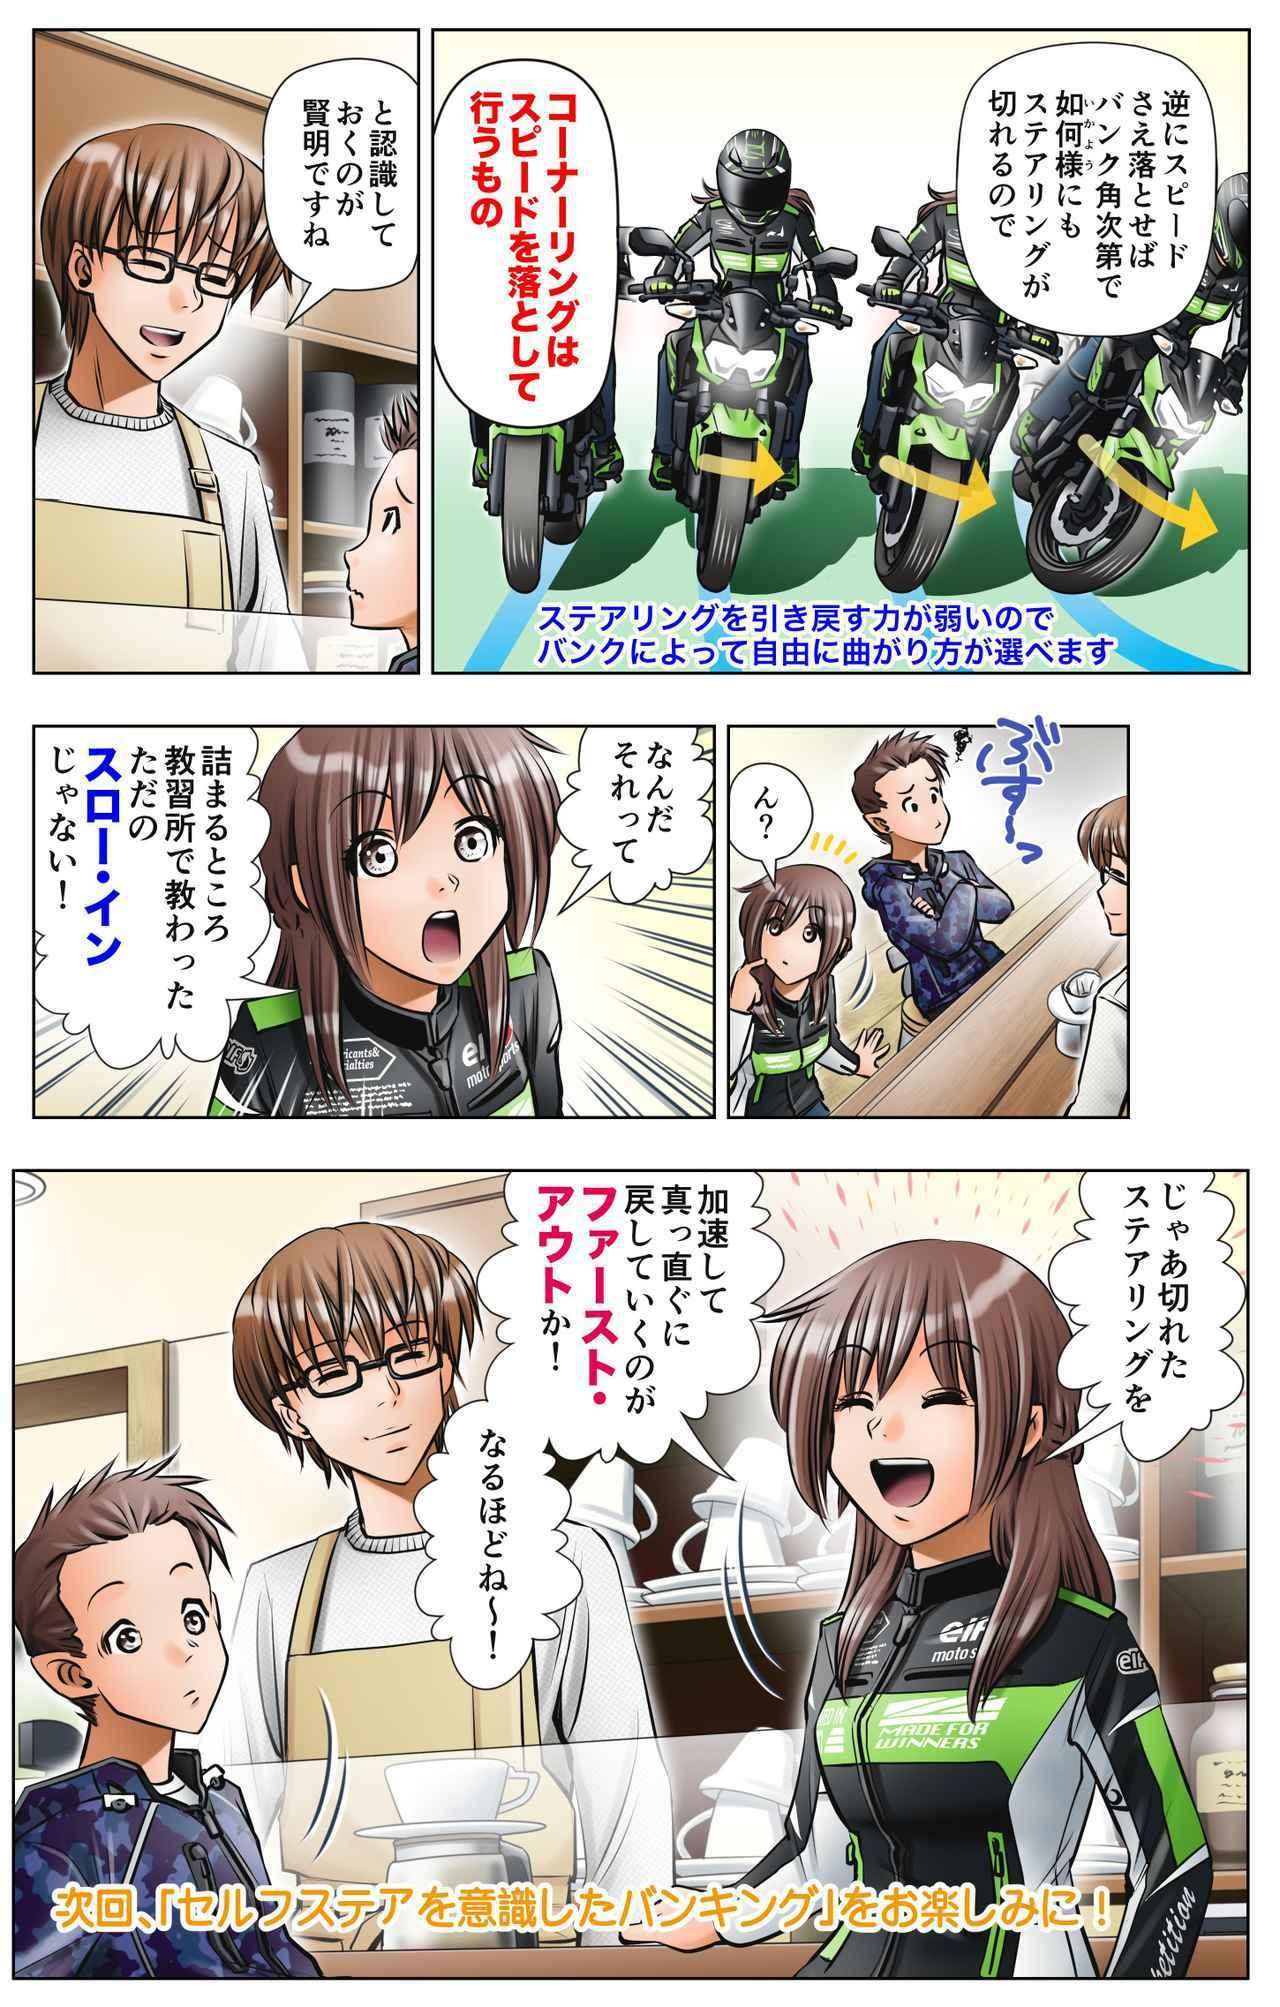 画像8: 第7話 スピードとバンク角/ゆる~くライテク談義『モトシーカーズ・カフェへようこそ!』